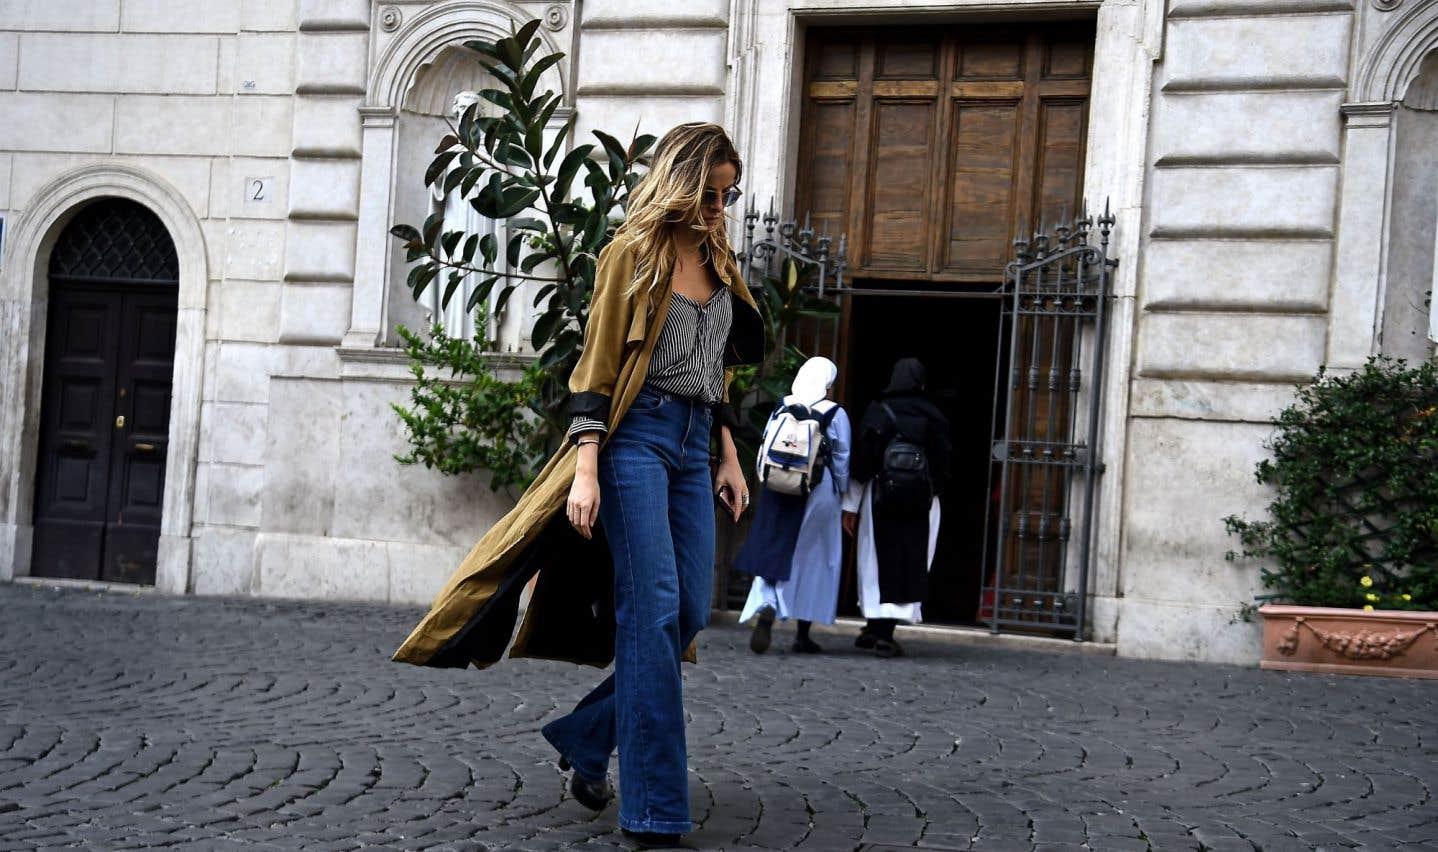 Les rues de Rome sont idéales pour se balader en solo.